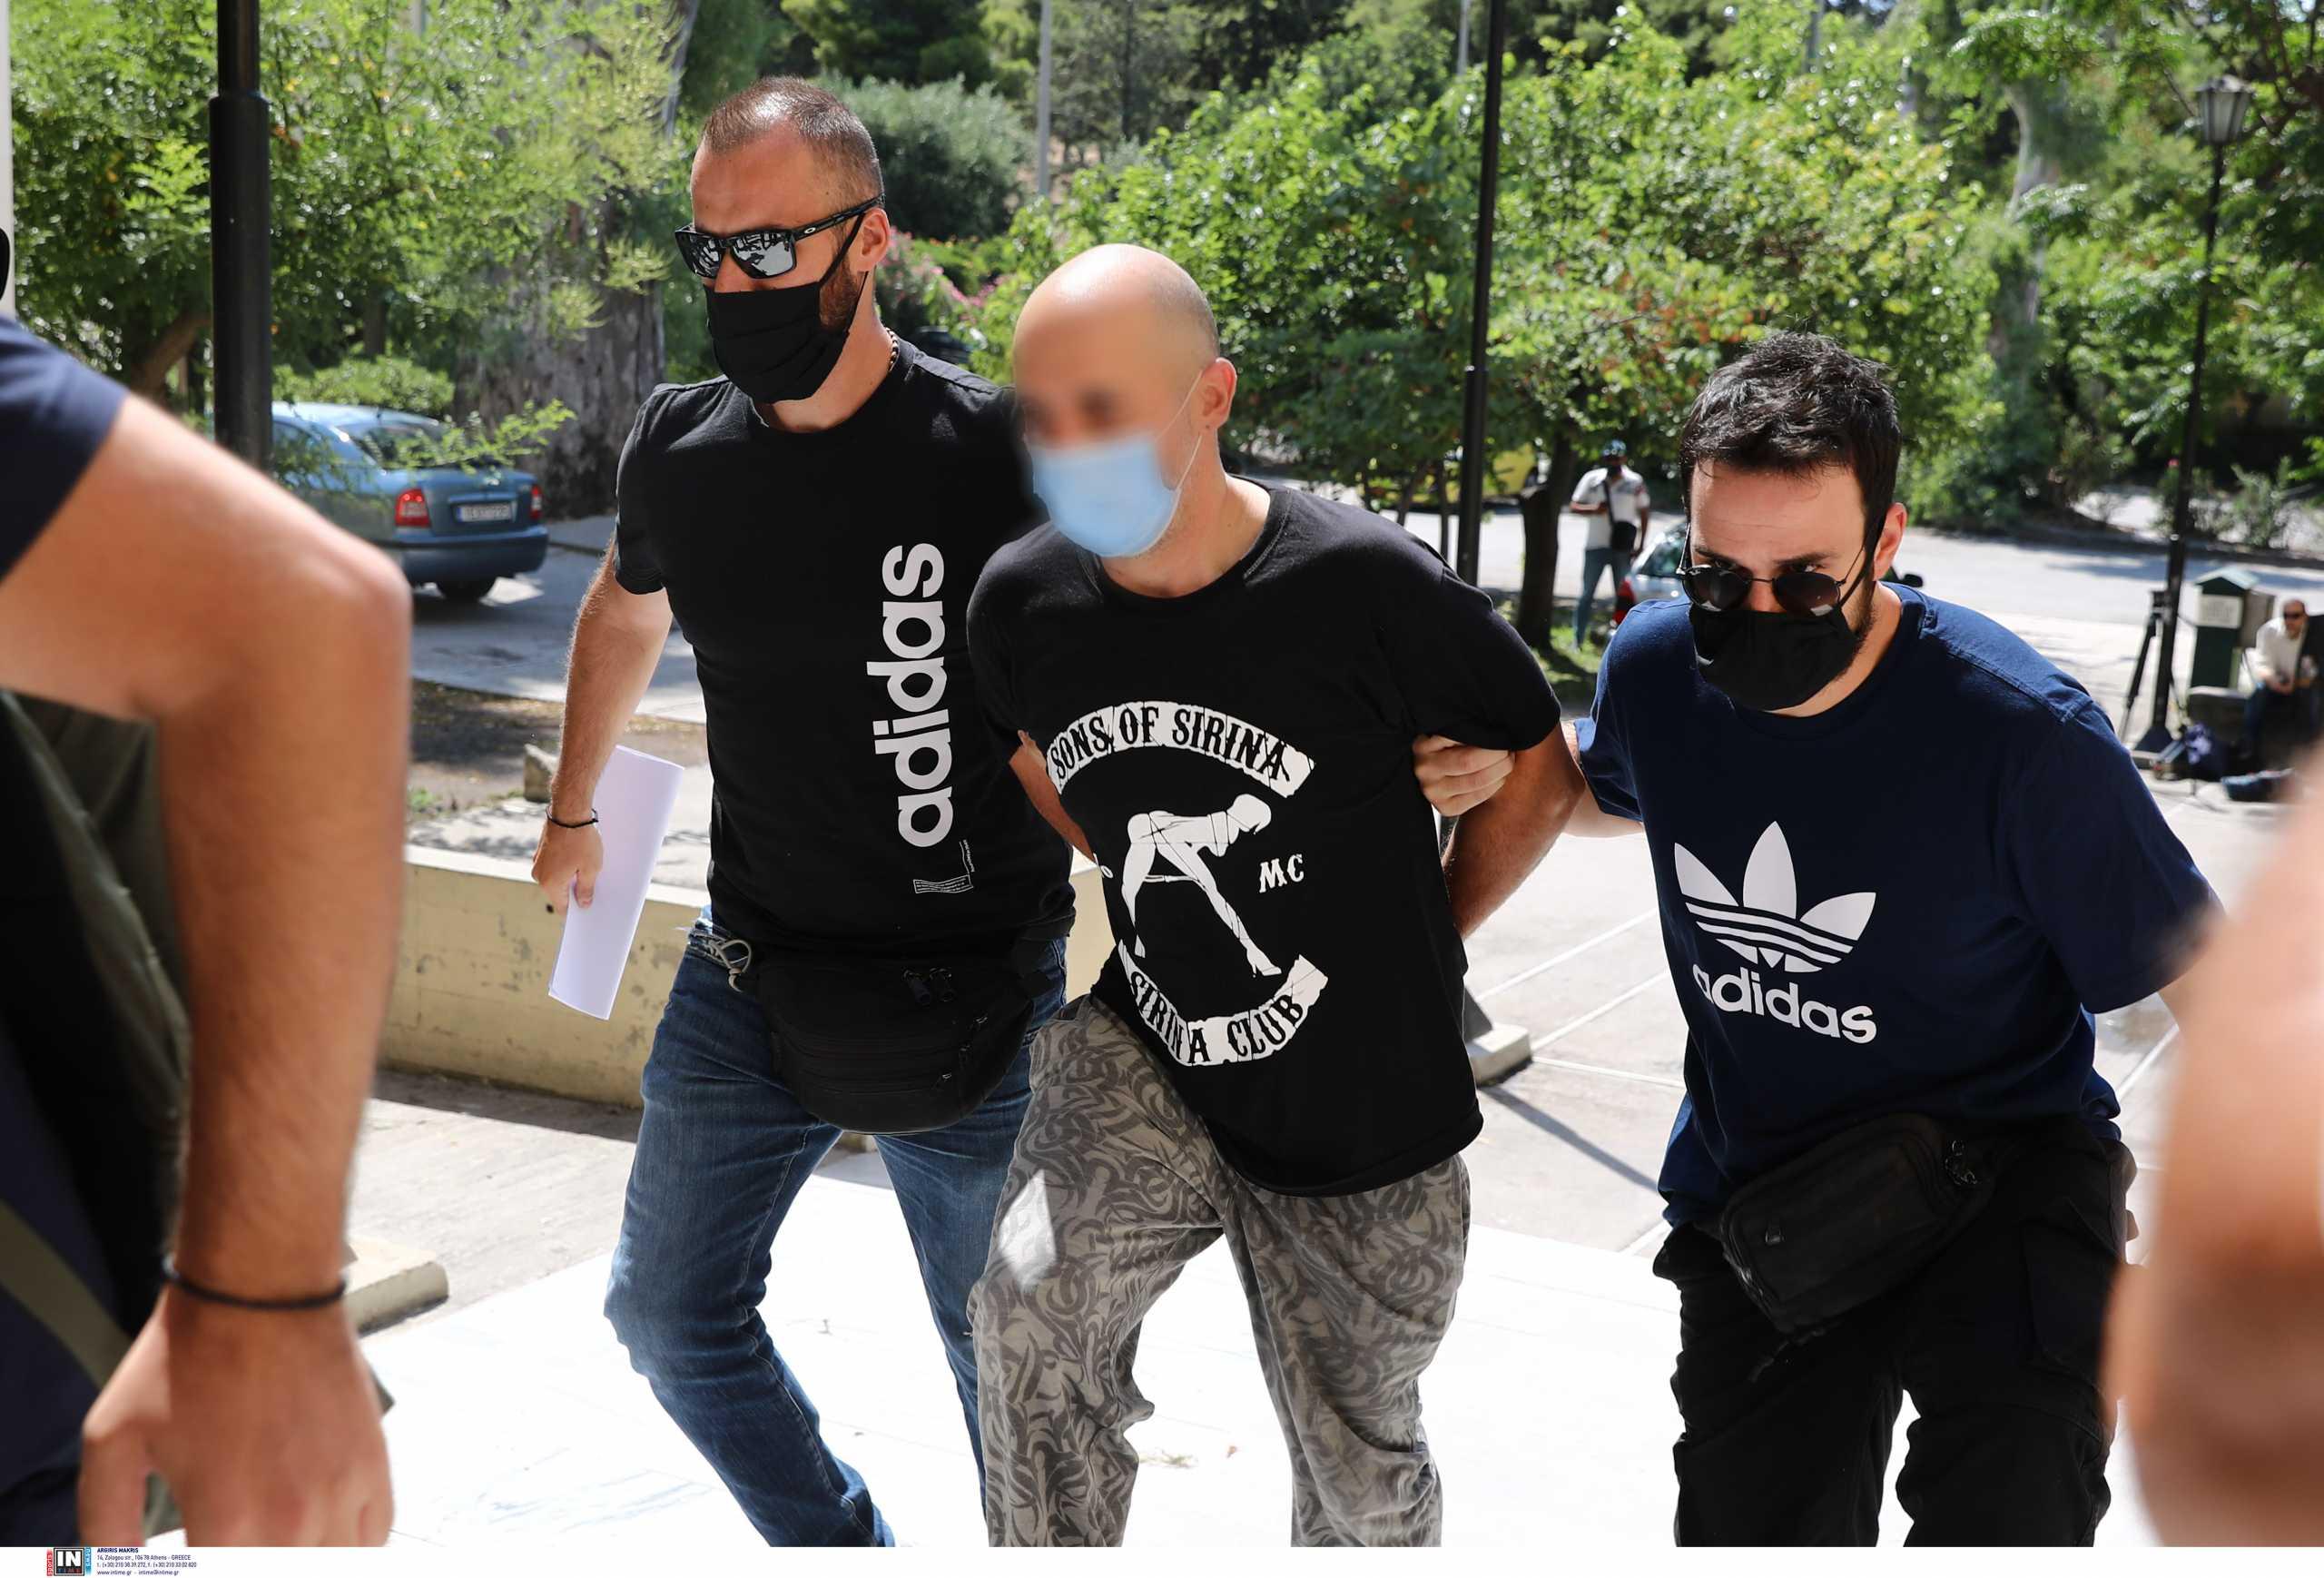 Ηλιούπολη: Ραγδαίες εξελίξεις – Και άλλη γυναίκα κατέθεσε κατά του 39χρονου αστυνομικού